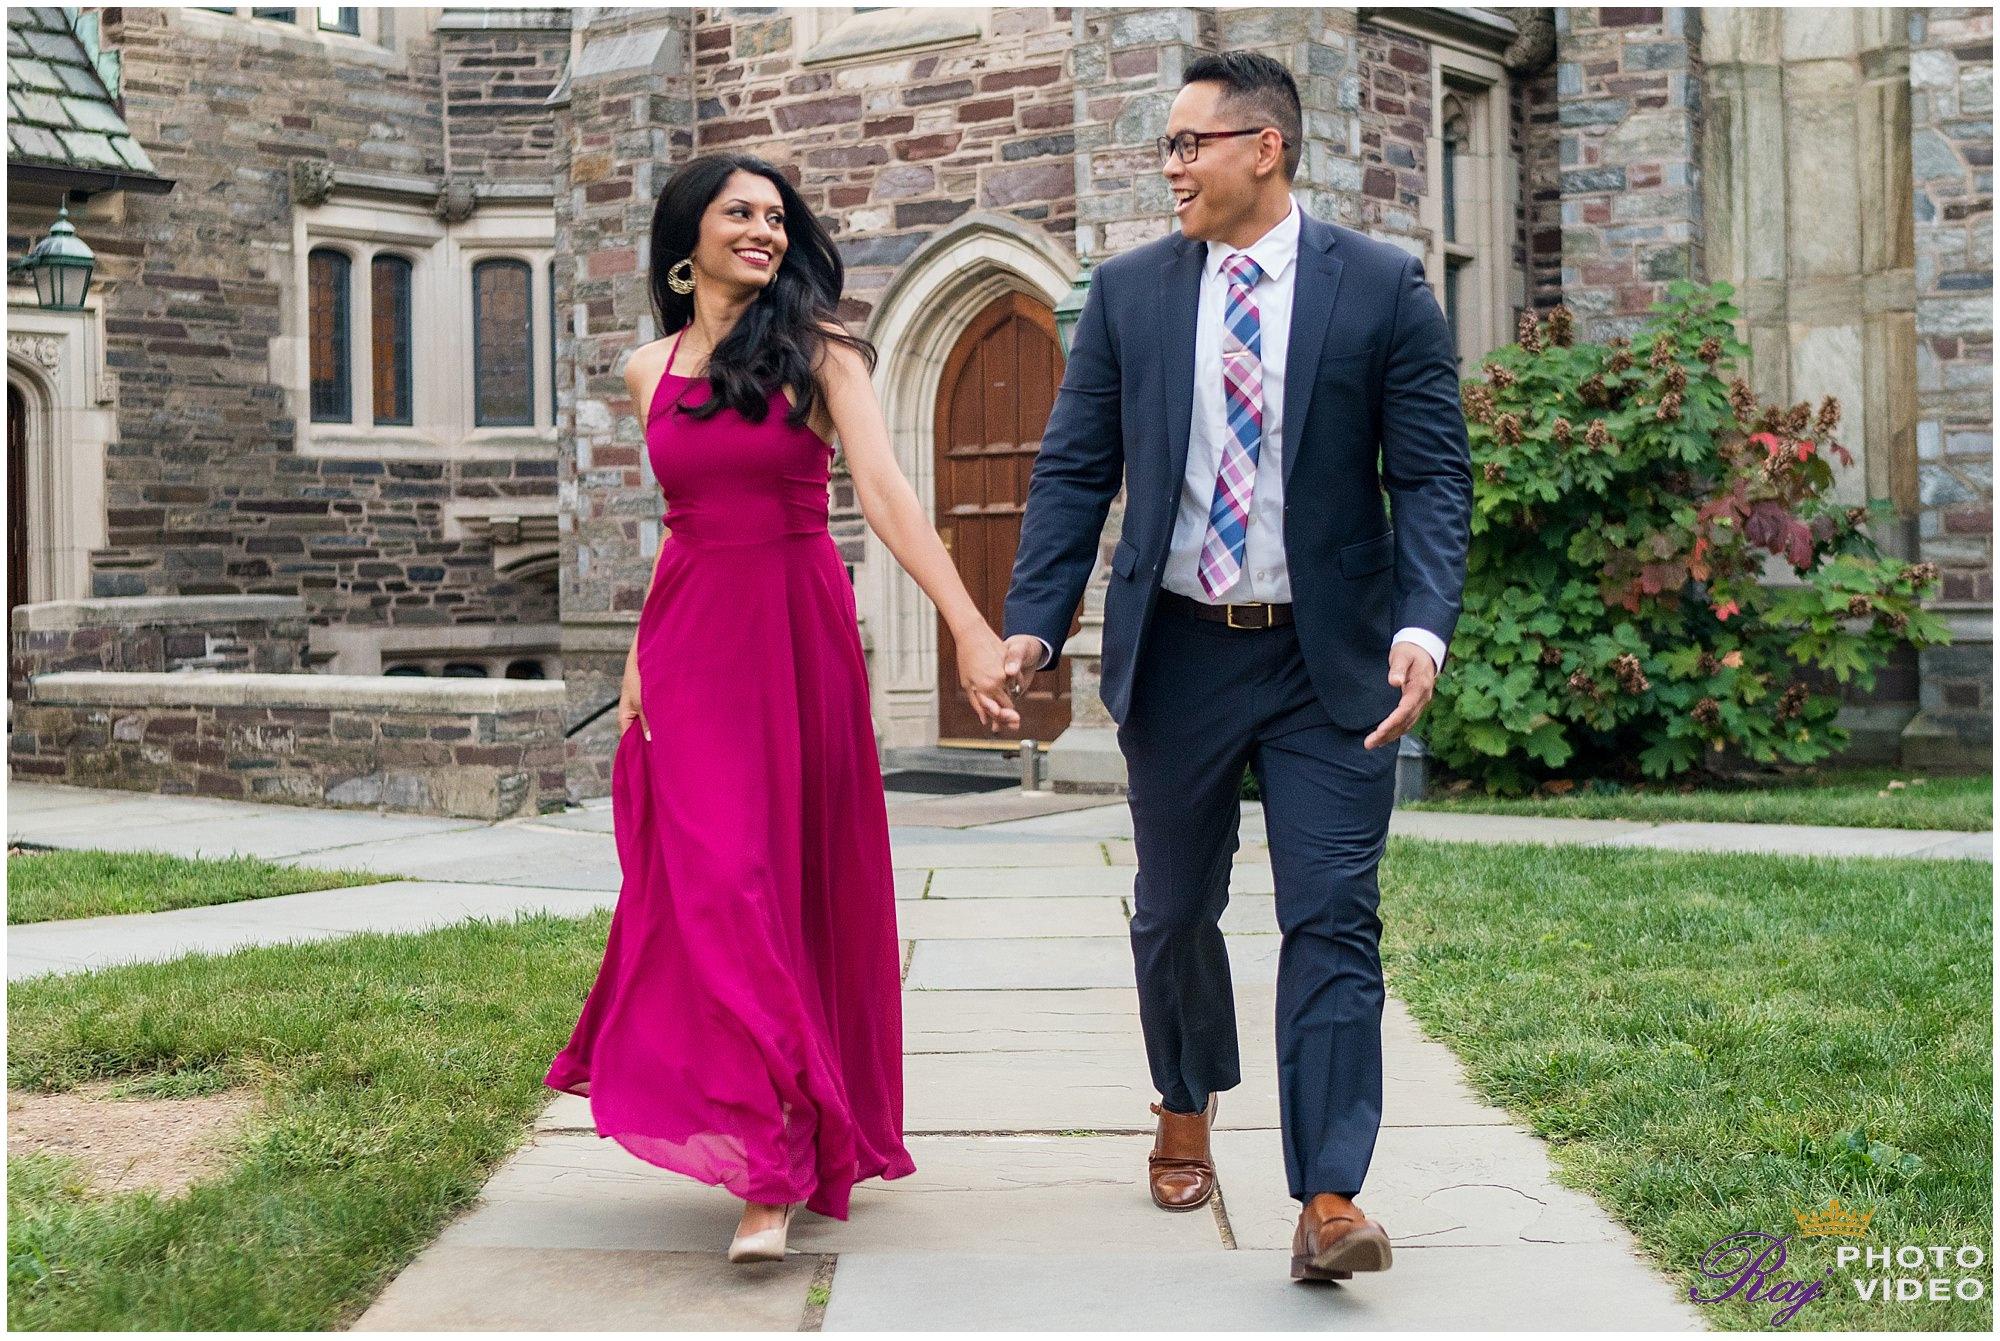 Princeton-University-Princeton-NJ-Engagement-Shoot-Khusbu-Jeff-17.jpg